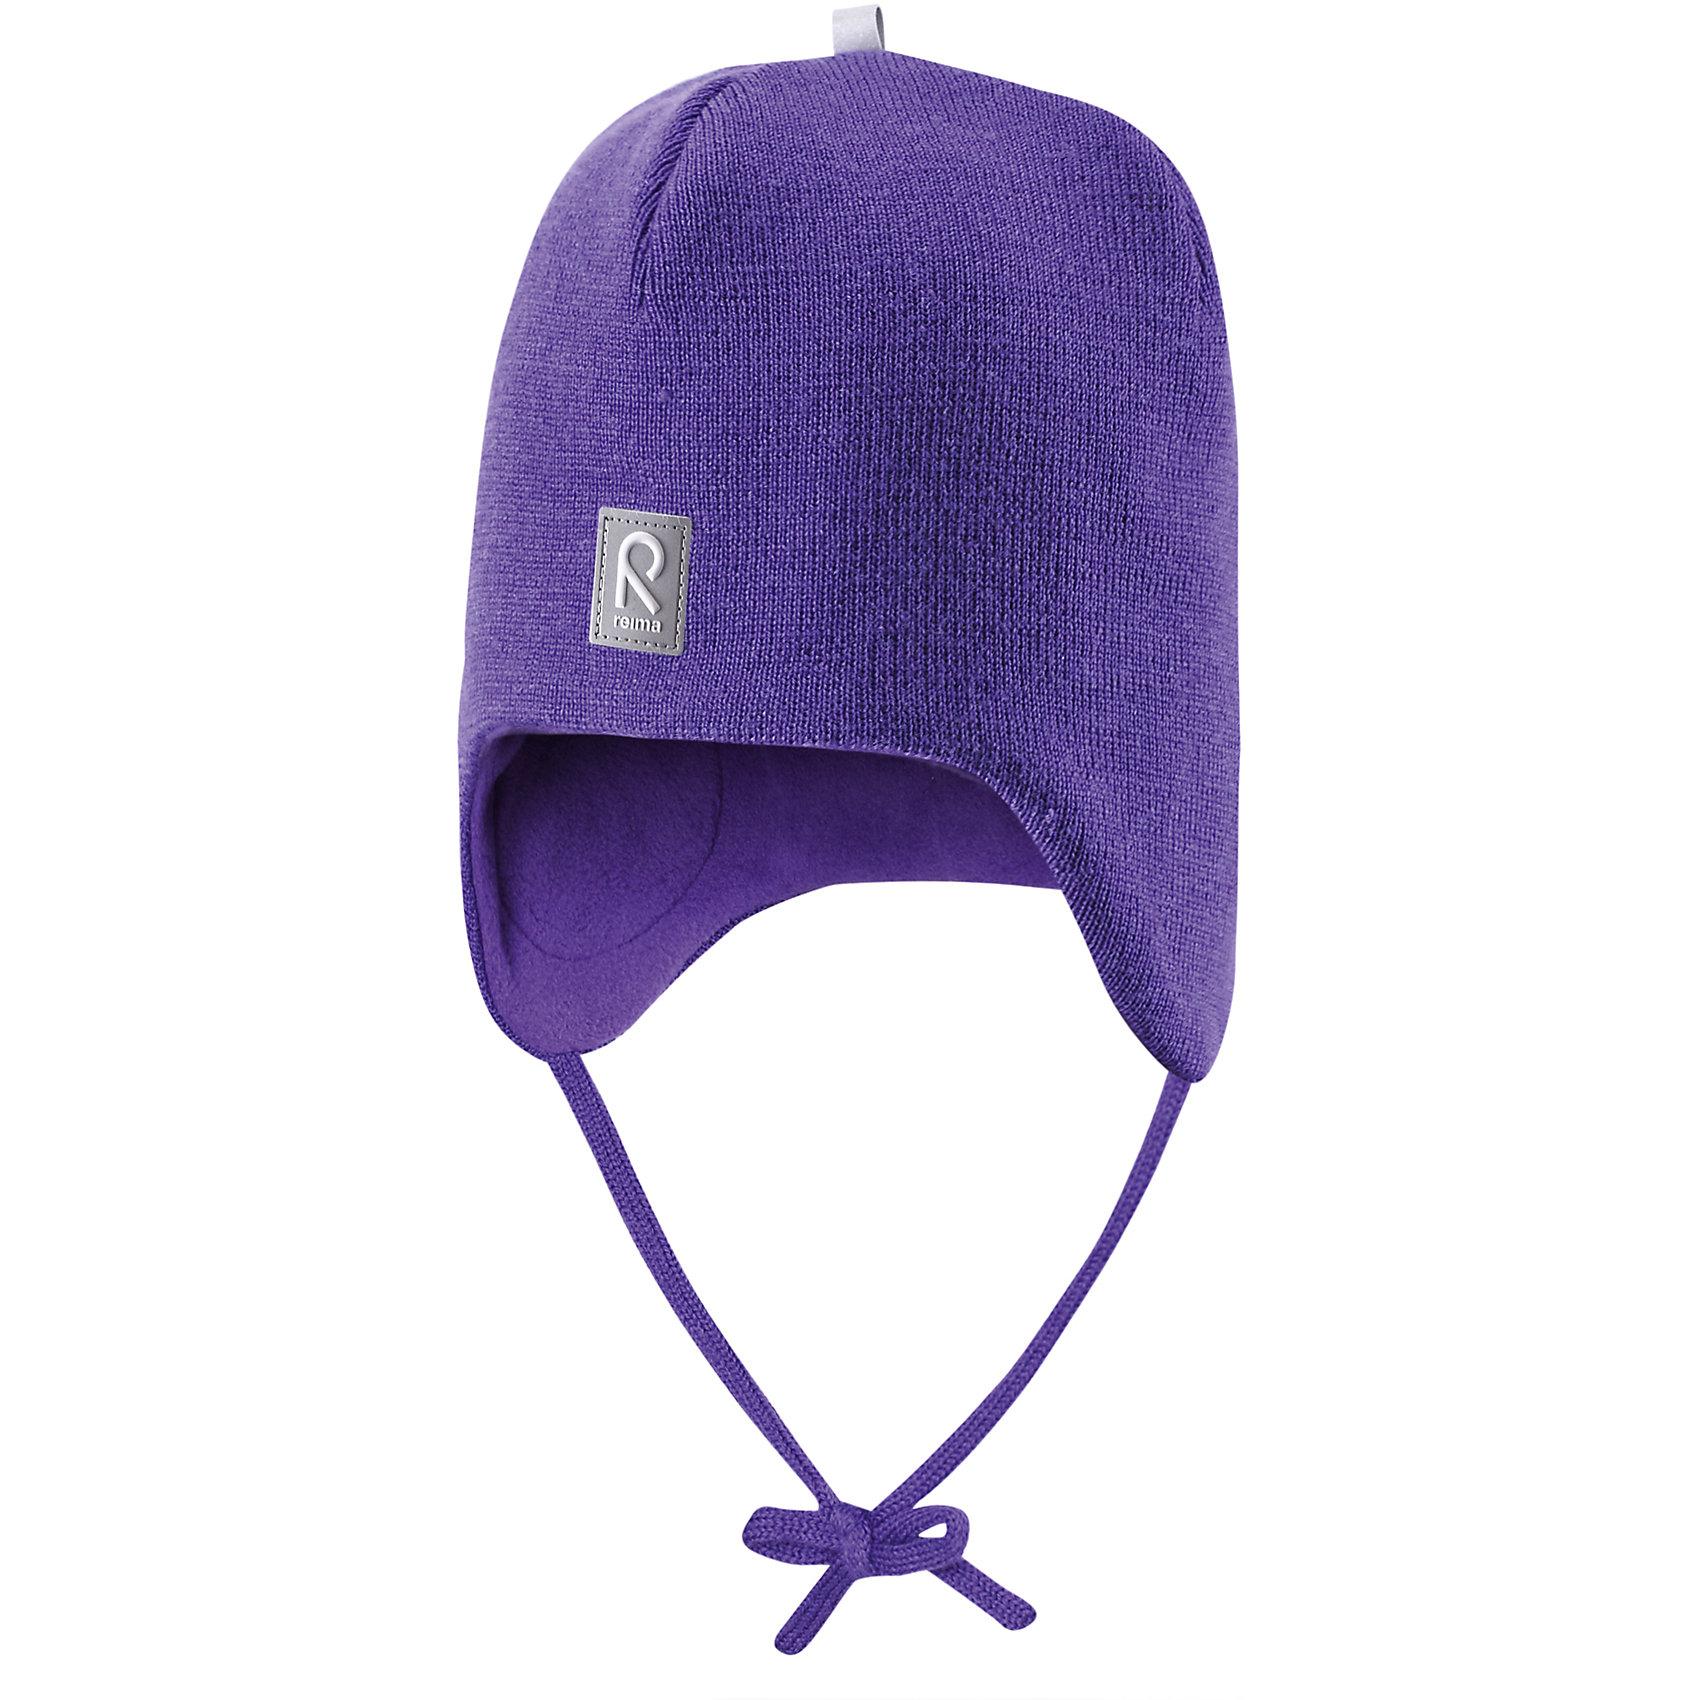 Шапка для девочки ReimaШапки и шарфы<br>Любимая шапка малышей в модных цветах сезона надёжно согреет в холодные зимние дни! Шерстяная шапка для малышей согреет в морозную погоду: мягкая подкладка из флиса для тепла и комфорта. Шерстяная шапка с подкладкой из флиса особенно подходит для маленьких приключений на свежем воздухе, потому что флис быстро высыхает и хорошо выводит влагу. Благодаря эластичной вязке шапка плотно прилегает, а ветронепроницаемые вставки в области ушей защищают маленькие ушки от холодного ветра. Завязки надёжно фиксируют шапку на голове и не натирают. Для завершения стильного образа носите с тёплой горловиной Star!<br><br>Шерстяная шапка для малышей <br>Полностью на подкладке: Мягкий тёплый флис<br>Ветронепроницаемые вставки в области ушей <br>Доступна в однотонном и полосатом вариантах<br>Состав:<br>100% Шерсть<br><br><br>Шапку Reima (Рейма) можно купить в нашем магазине.<br><br>Ширина мм: 89<br>Глубина мм: 117<br>Высота мм: 44<br>Вес г: 155<br>Цвет: фиолетовый<br>Возраст от месяцев: 6<br>Возраст до месяцев: 9<br>Пол: Женский<br>Возраст: Детский<br>Размер: 46,52,50,48<br>SKU: 4208665